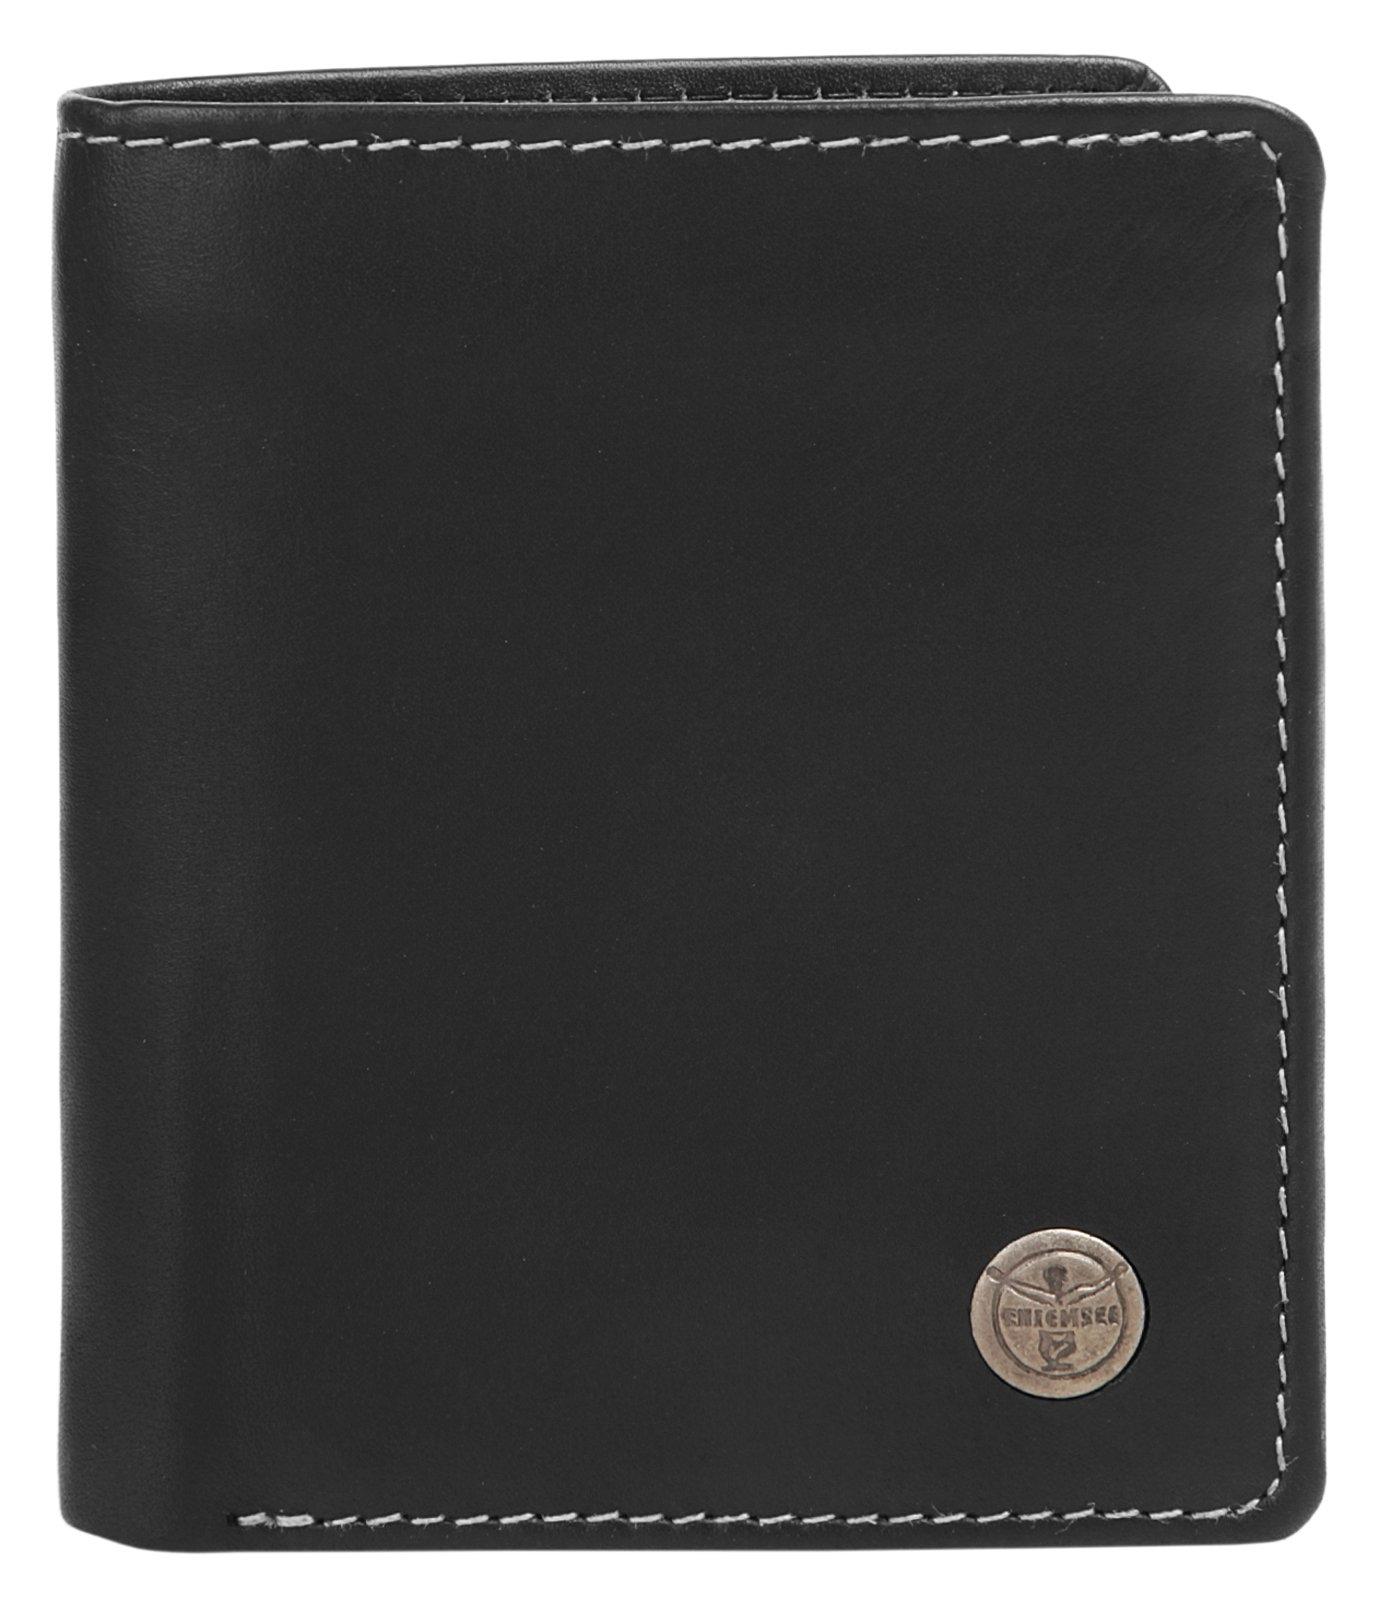 CHIEMSEE portemonnee - verschillende betaalmethodes